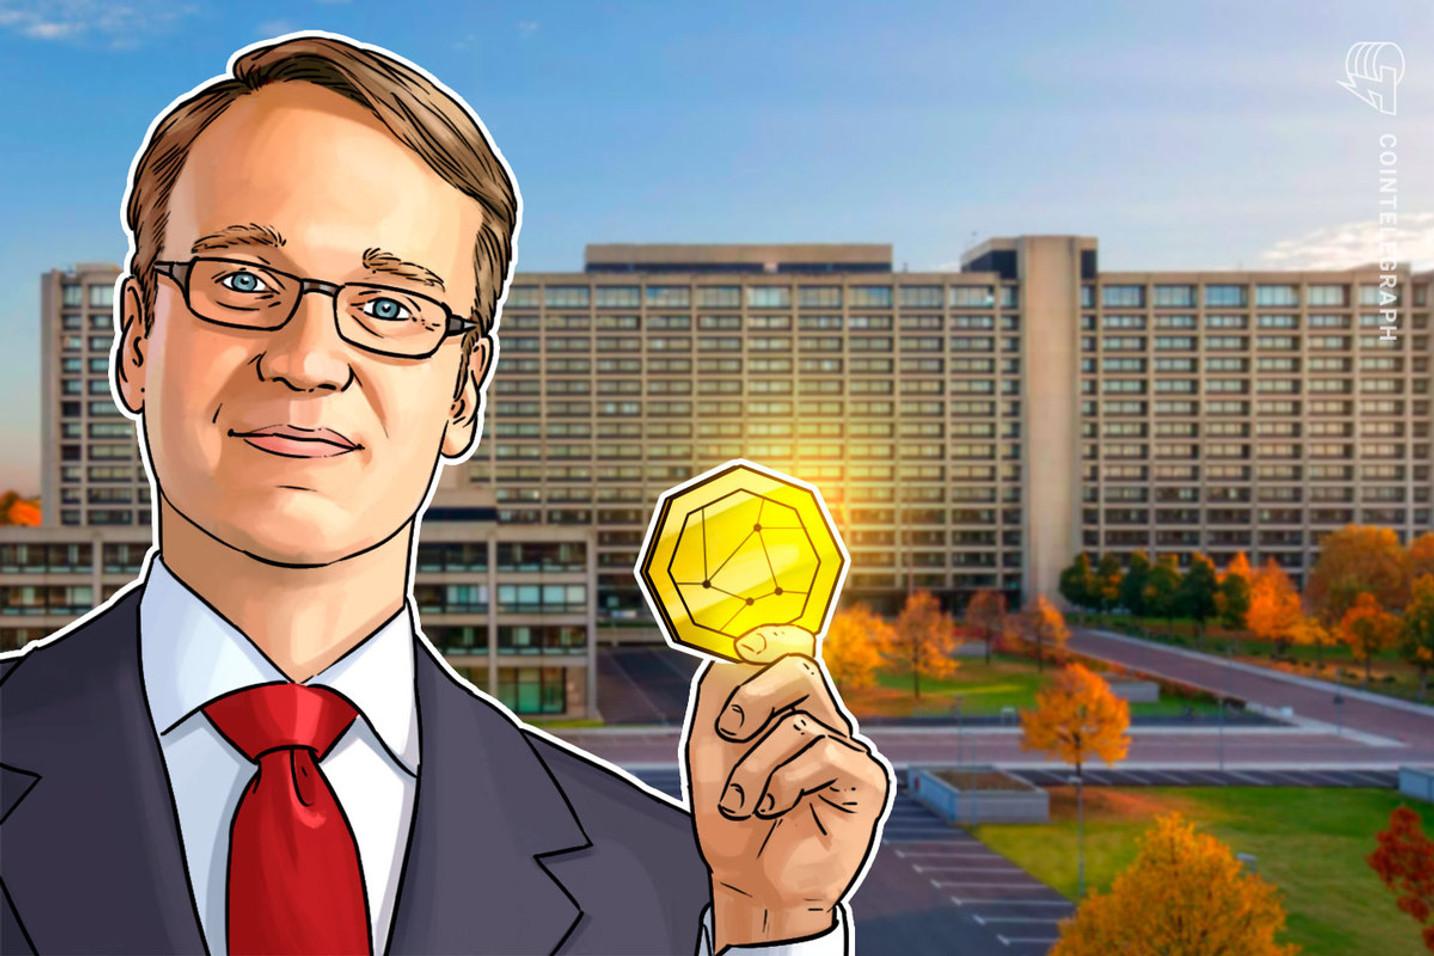 Facebook Libra: Bundesbankpräsident Weidmann rät von digitalem Euro als Antwort ab